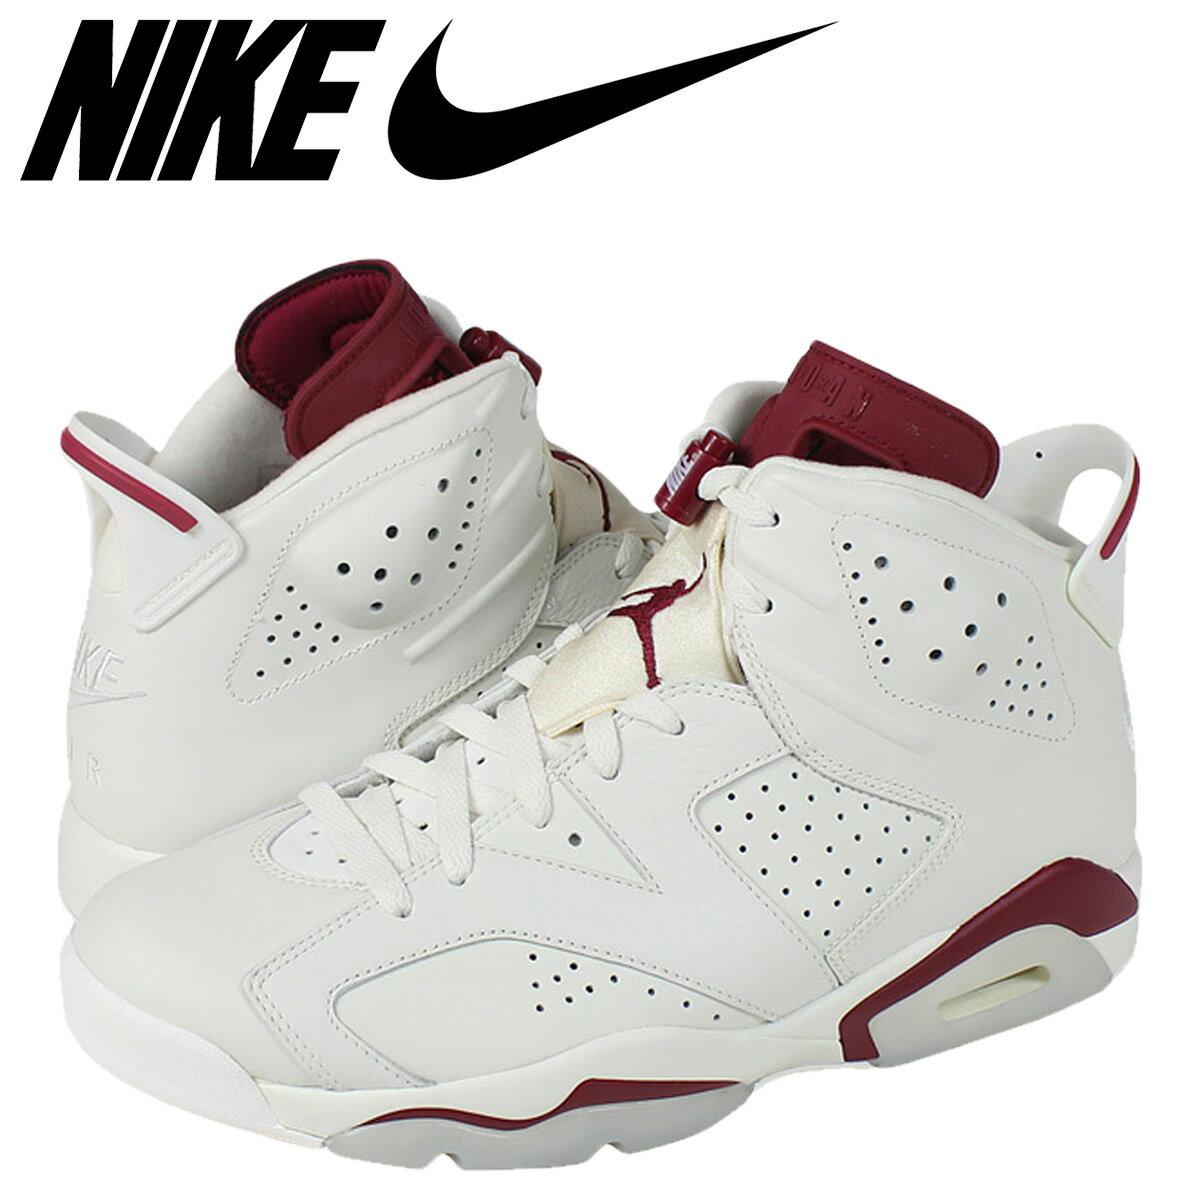 メンズ靴, スニーカー NIKE AIR JORDAN 6 RETRO MAROON 6 384664-116 zzi